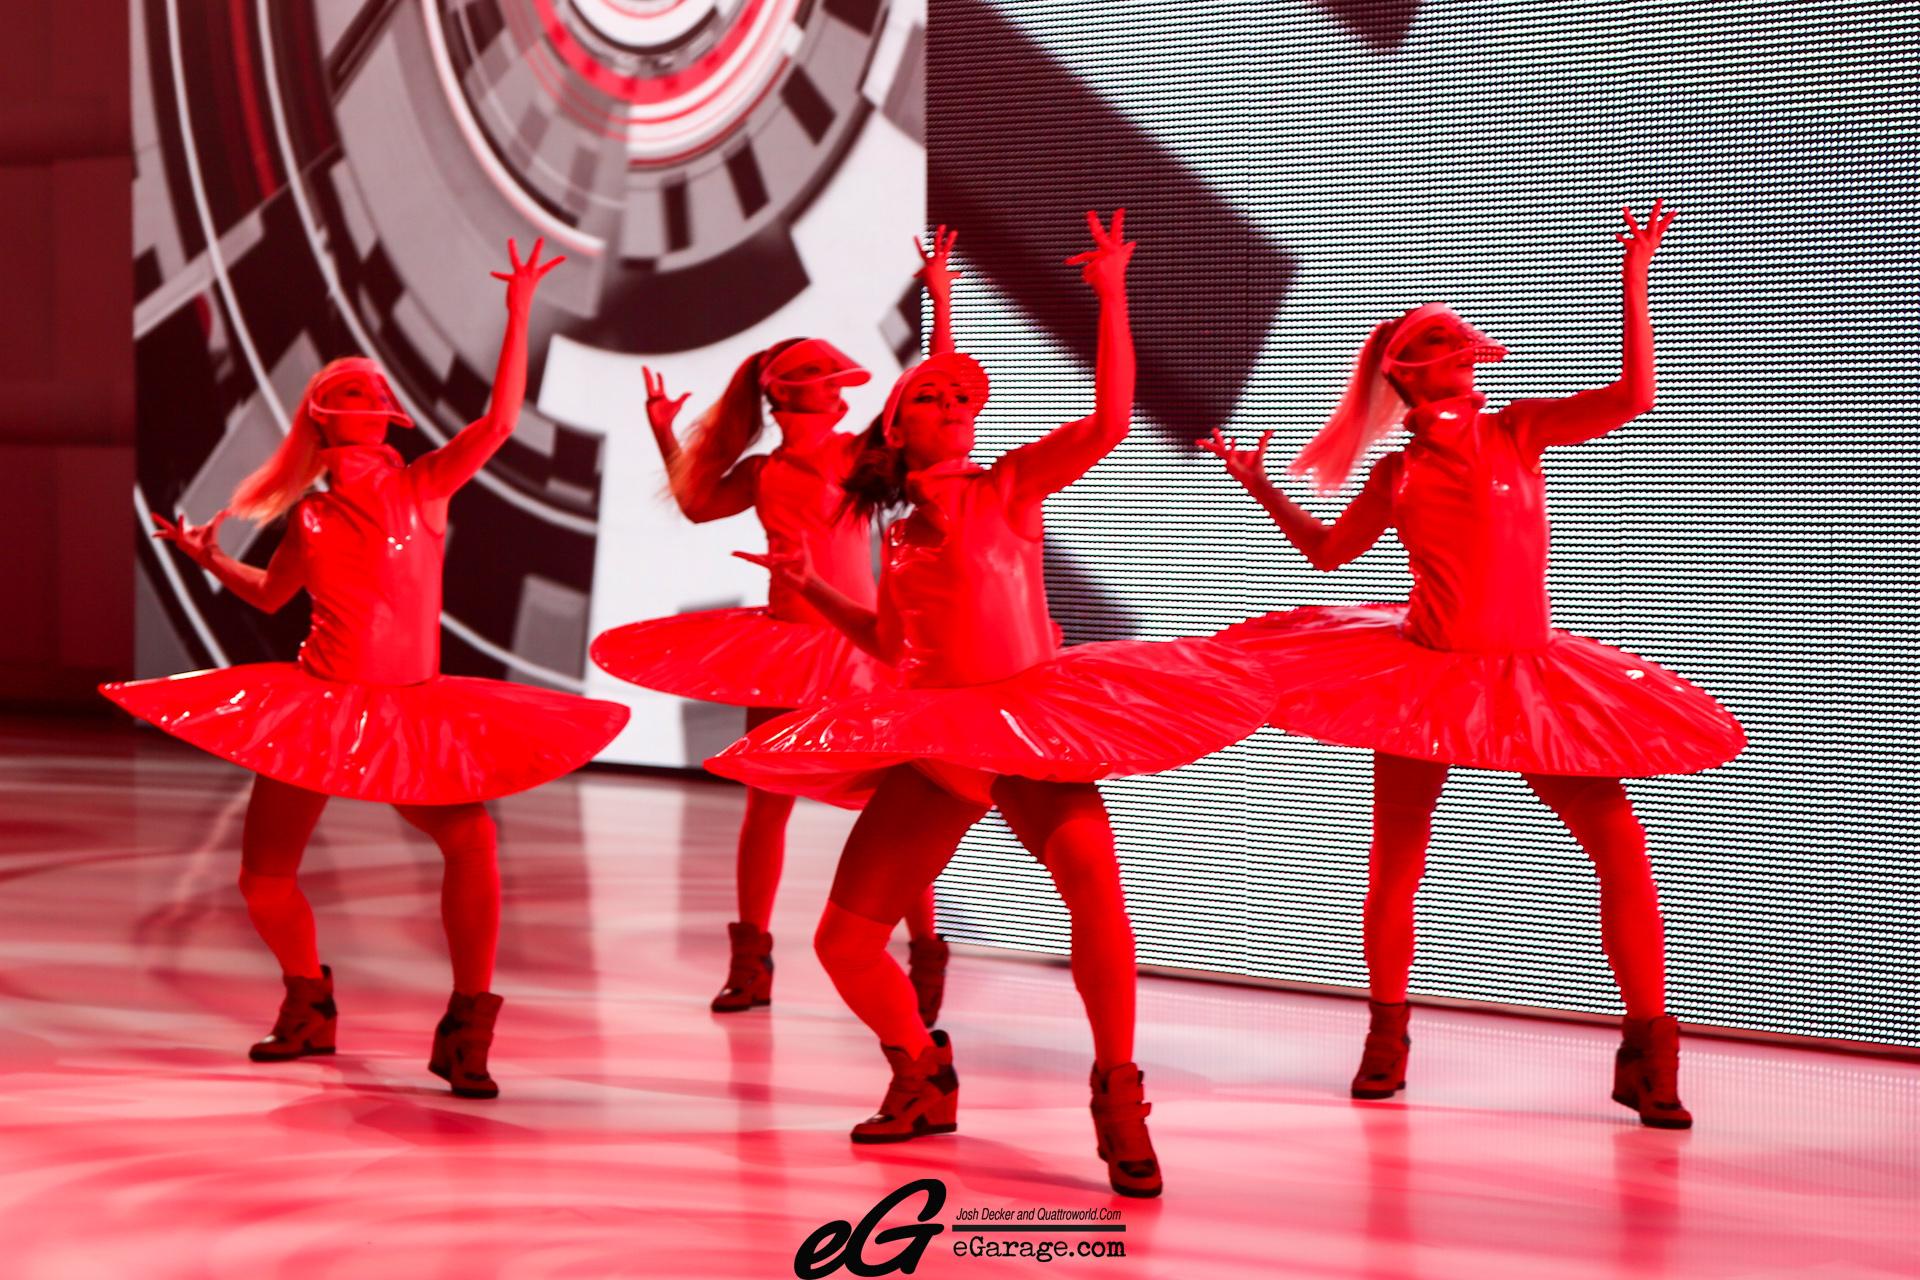 8030393423 2b5bb9fcee o 2012 Paris Motor Show